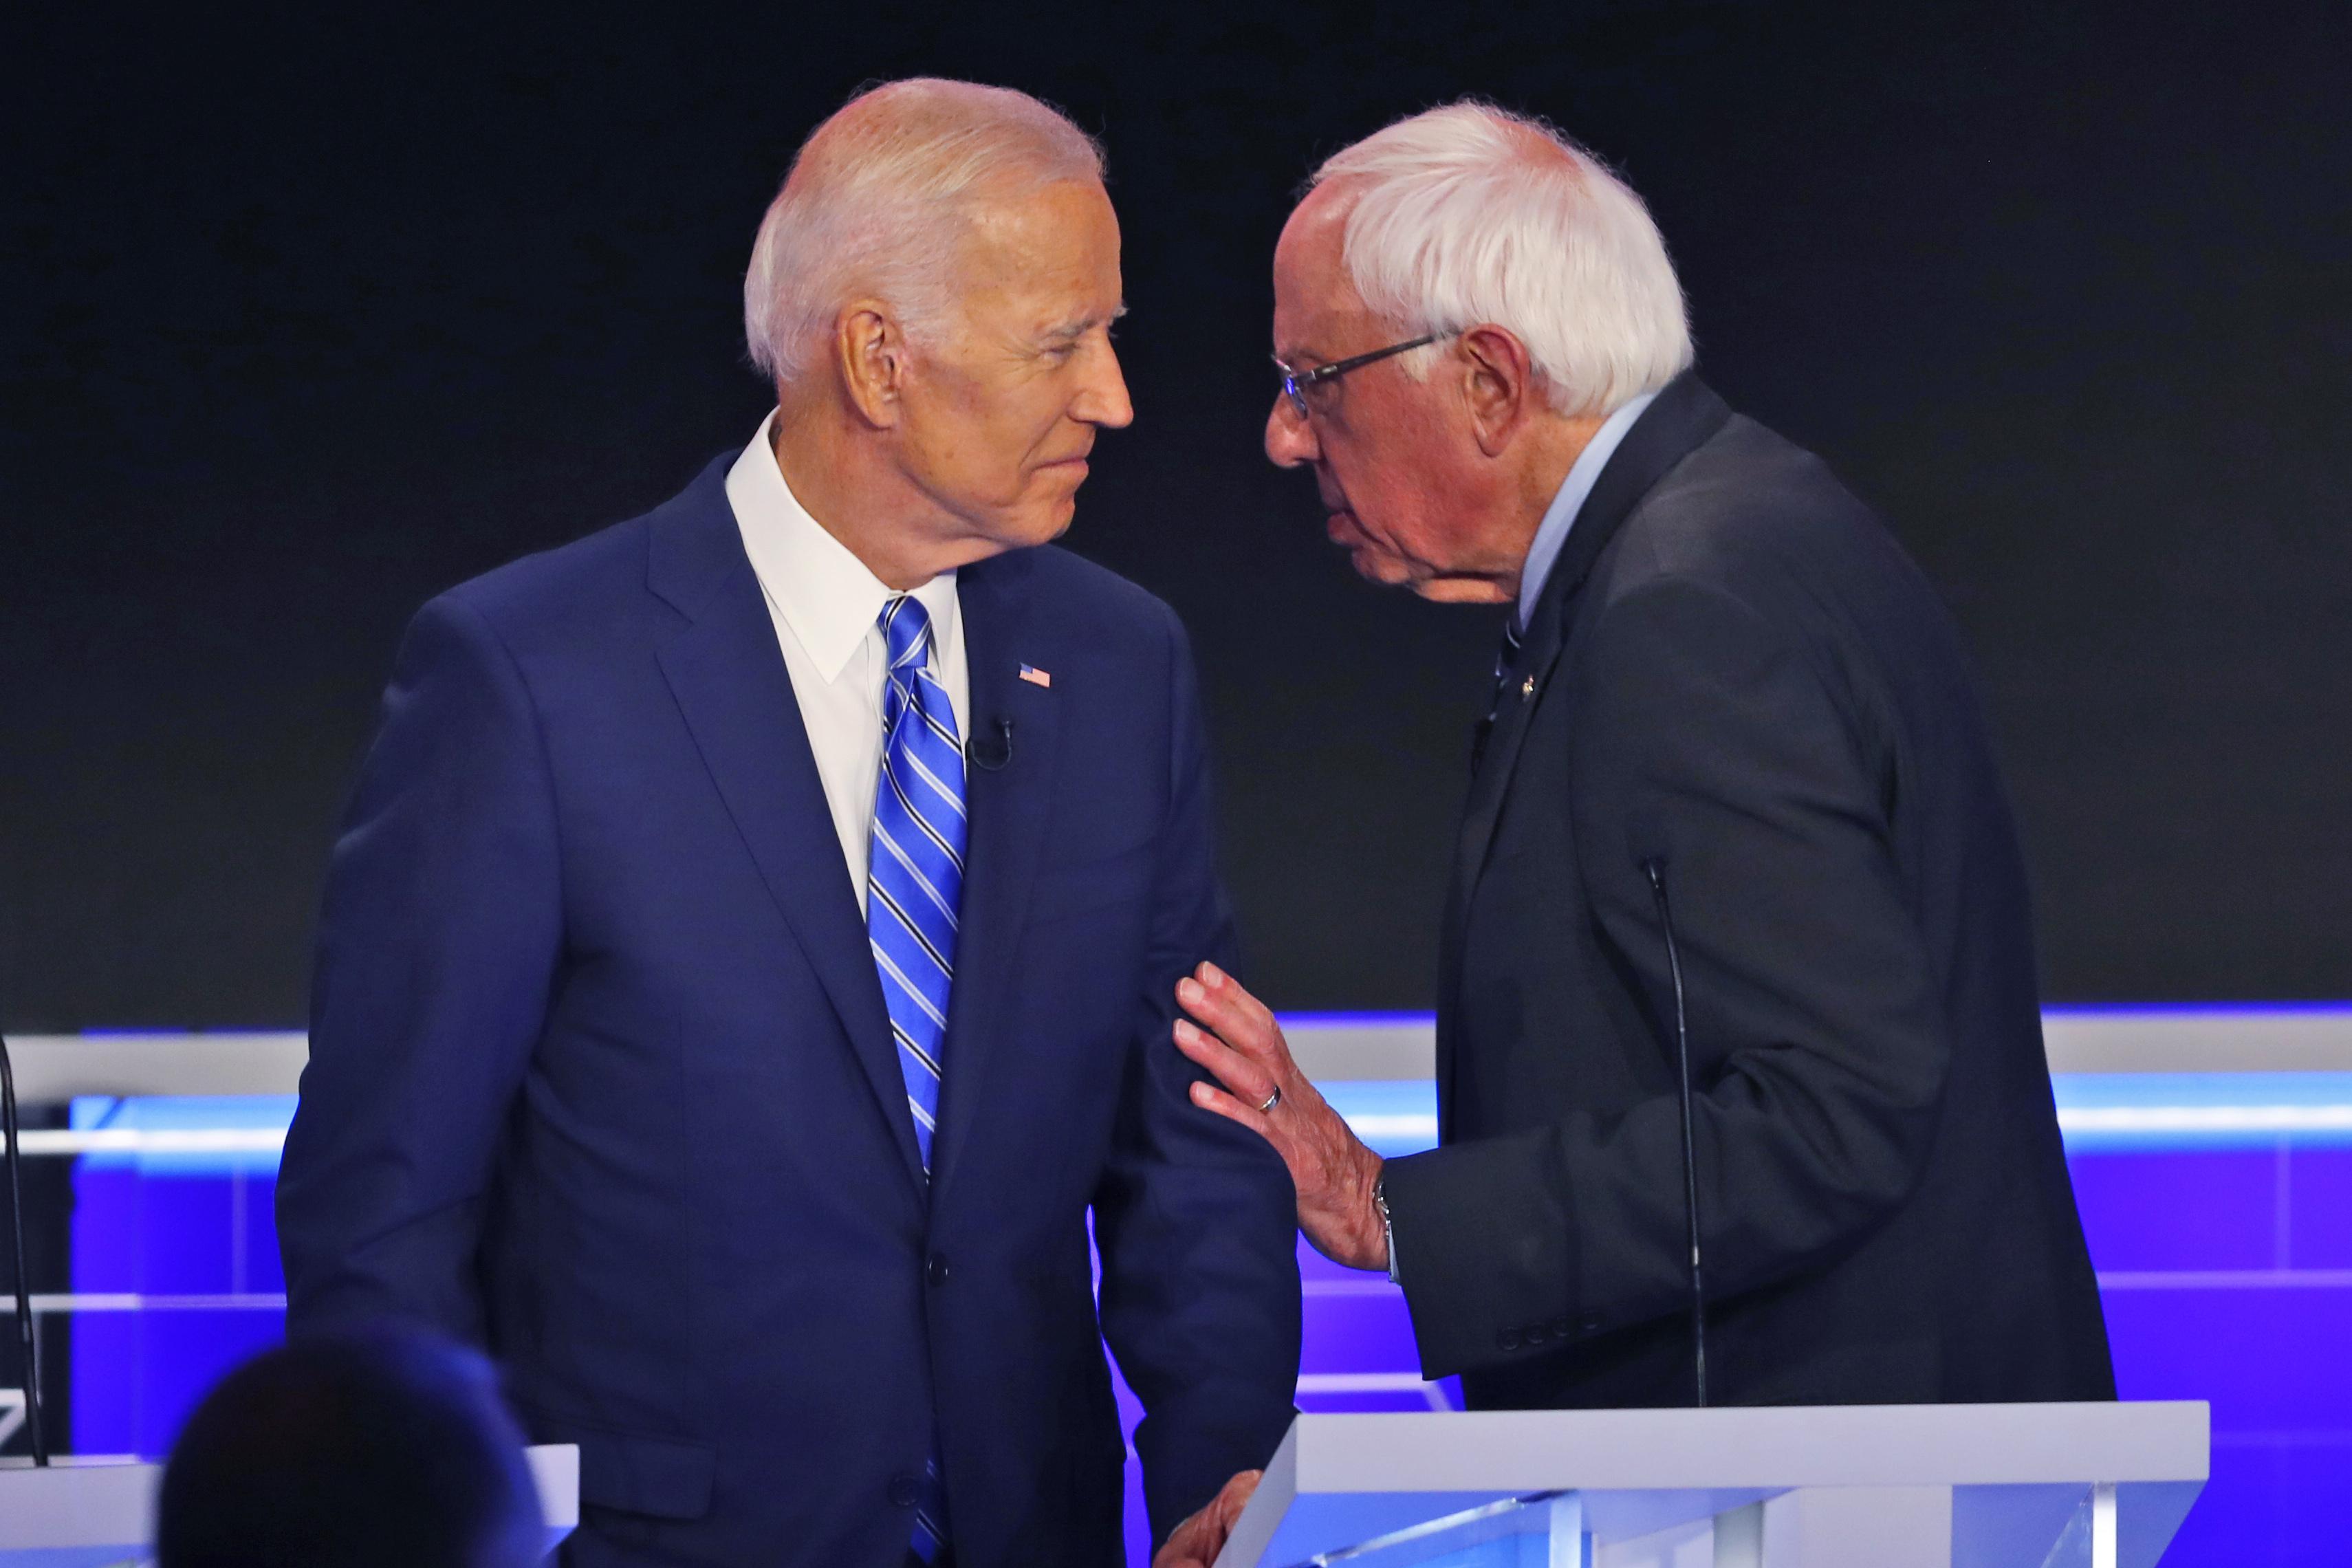 Joe Biden leads N.H. primary, Bernie Sanders' support dips: Poll